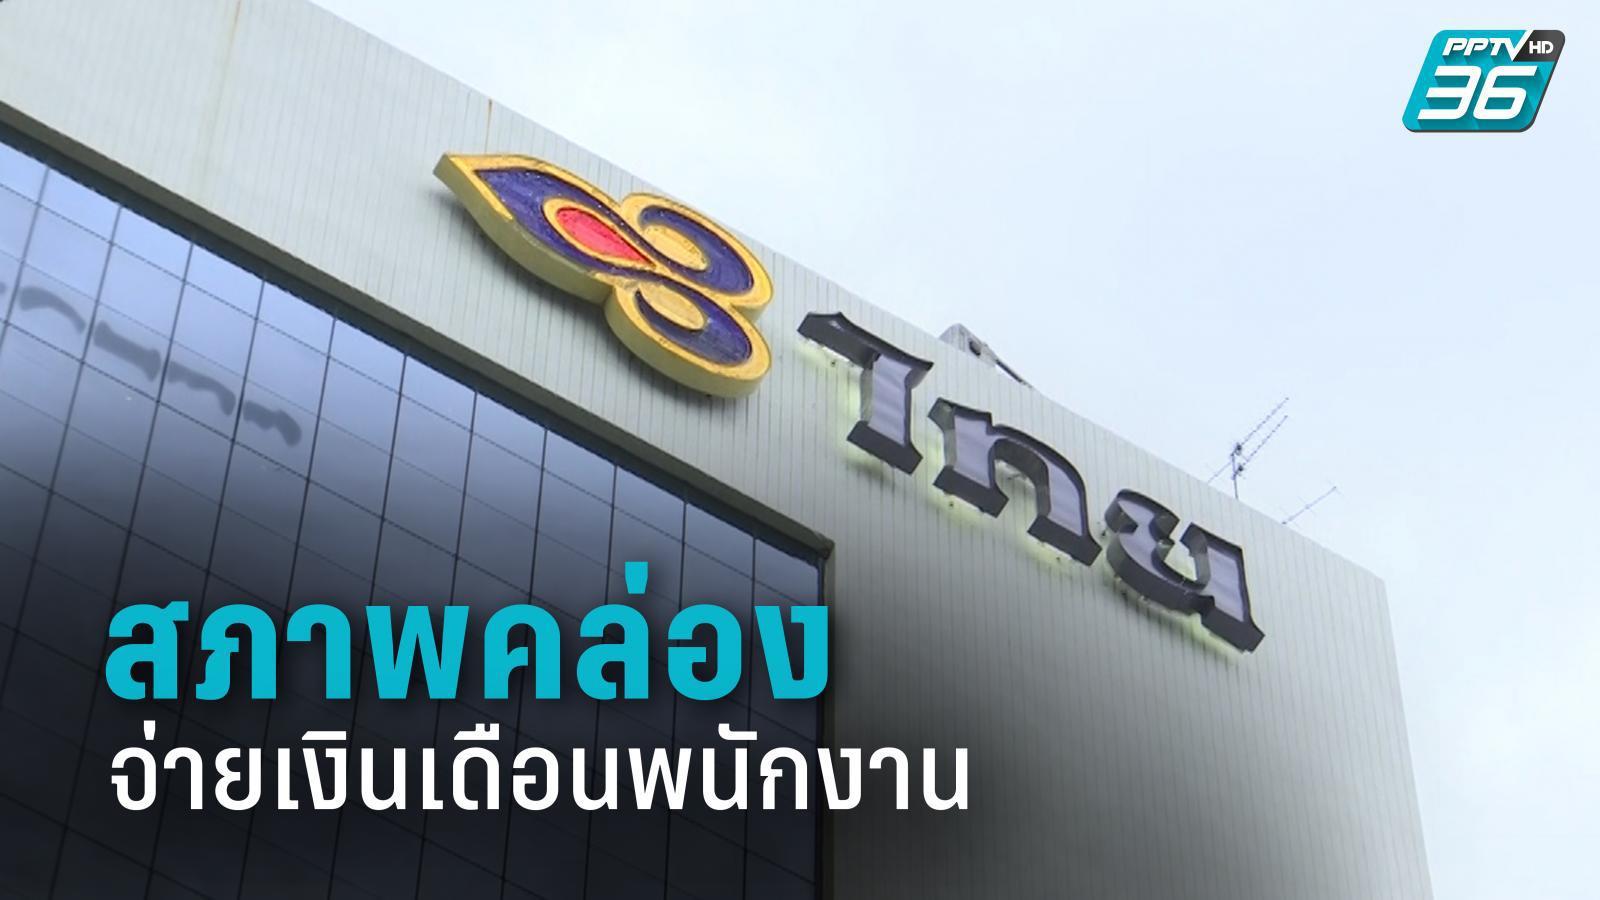 การบินไทย ยัน มีสภาพคล่องจ่ายเงินเดือนพนักงาน คาดใช้ 6 ปีฟื้นฟูกิจการ